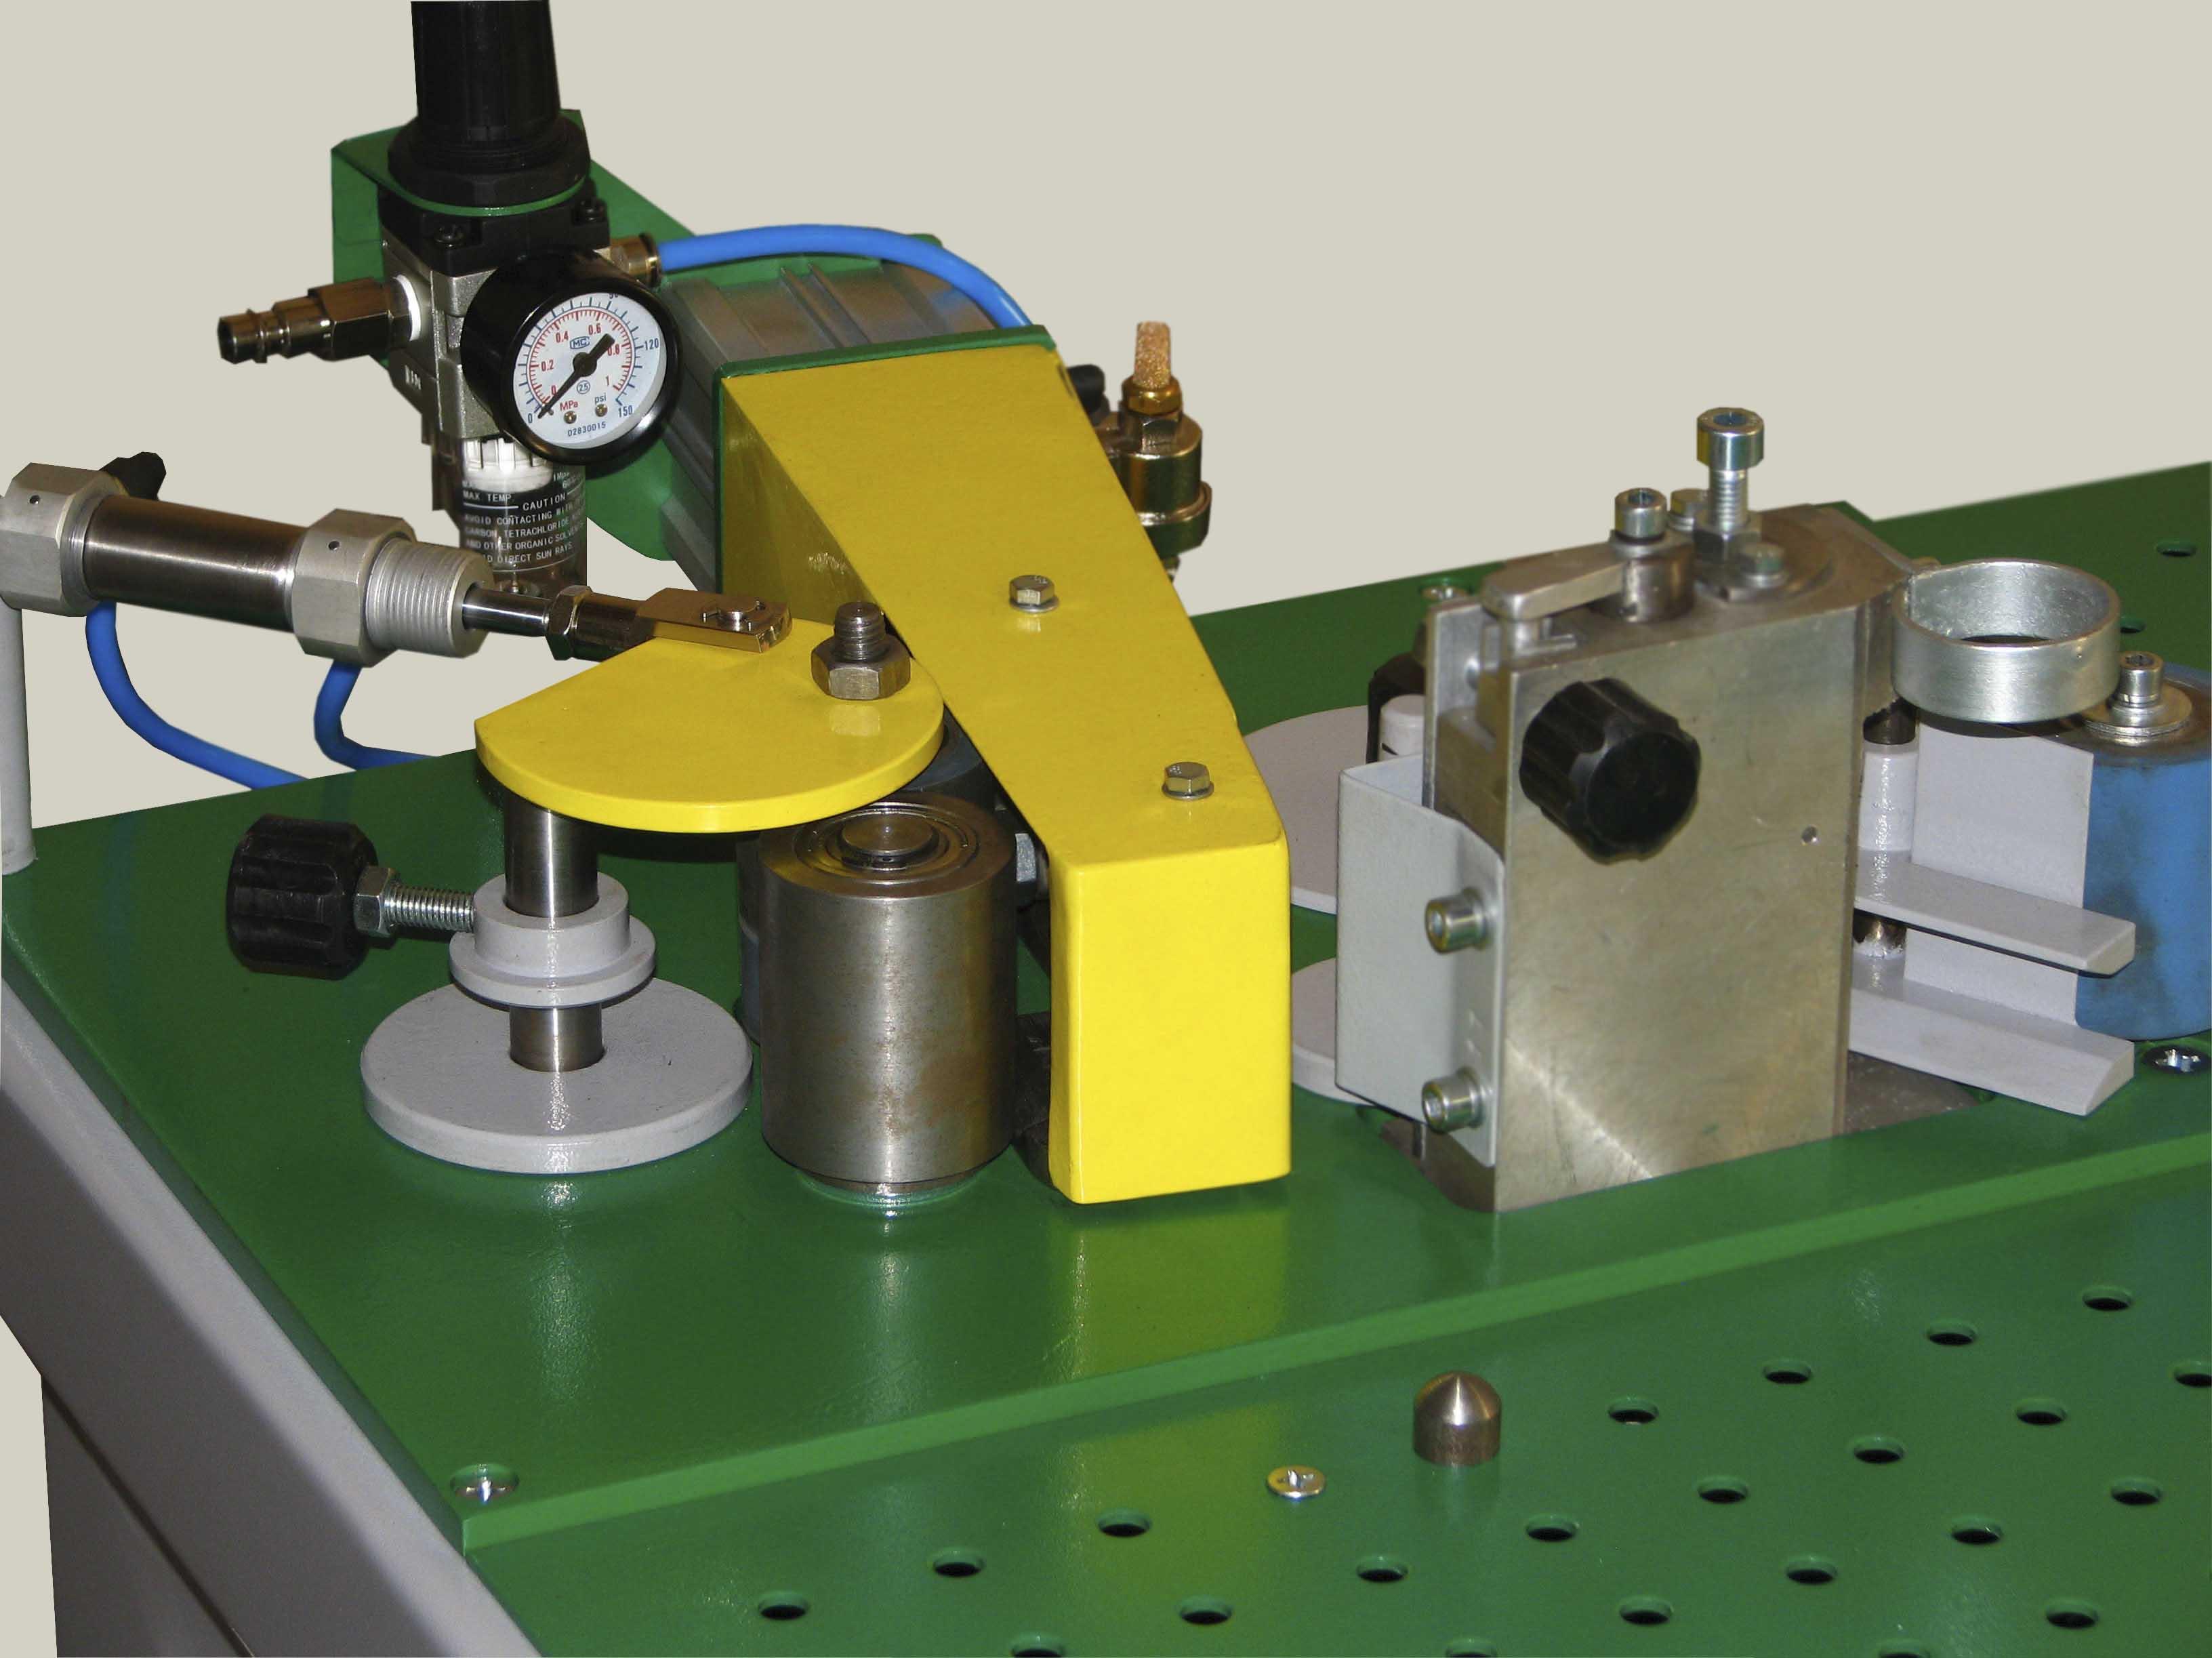 кромкооблицовочный станок cehisa rapid ep-8 инструкция